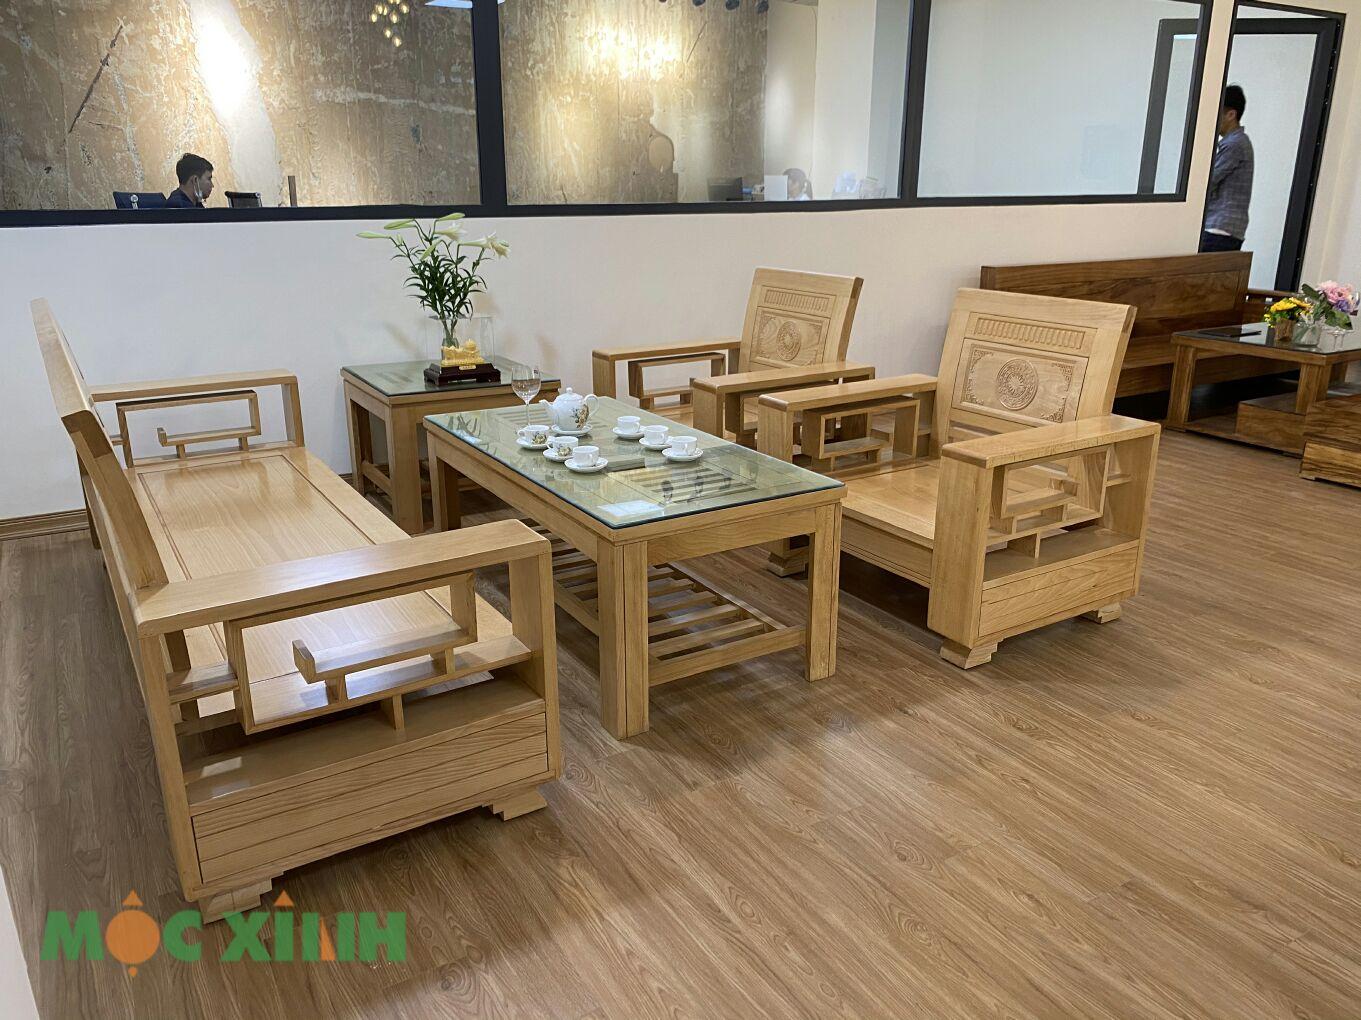 Bộ bàn ghế phòng khách gỗ sồi có thiết kế chữ U